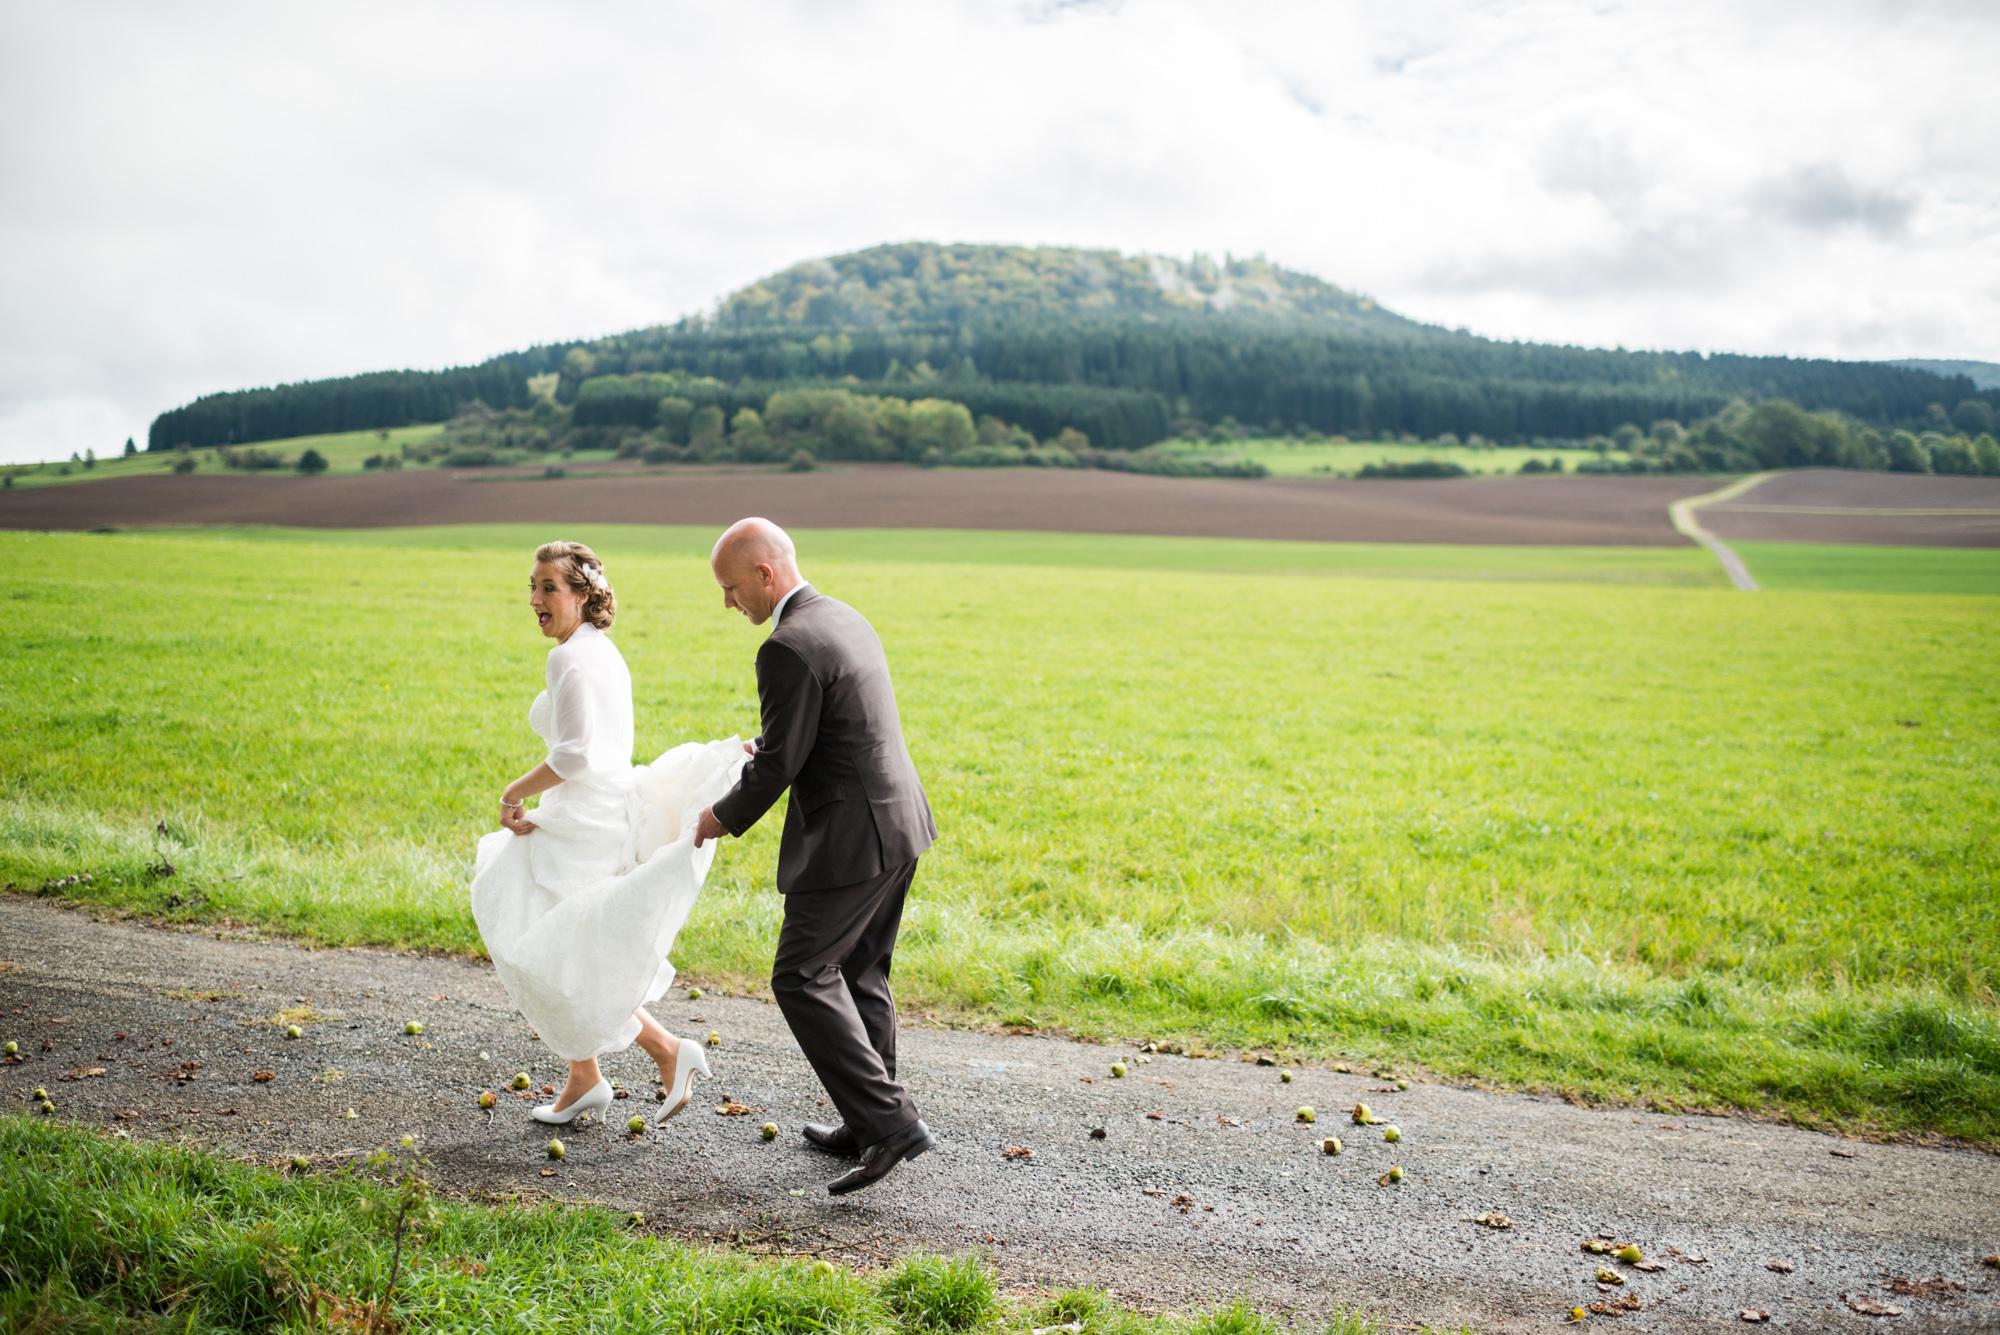 Fotograf Konstanz - Hochzeit Katja und Christian 53 - Als Hochzeitsfotograf in Bad Dürrheim unterwegs  - 20 -